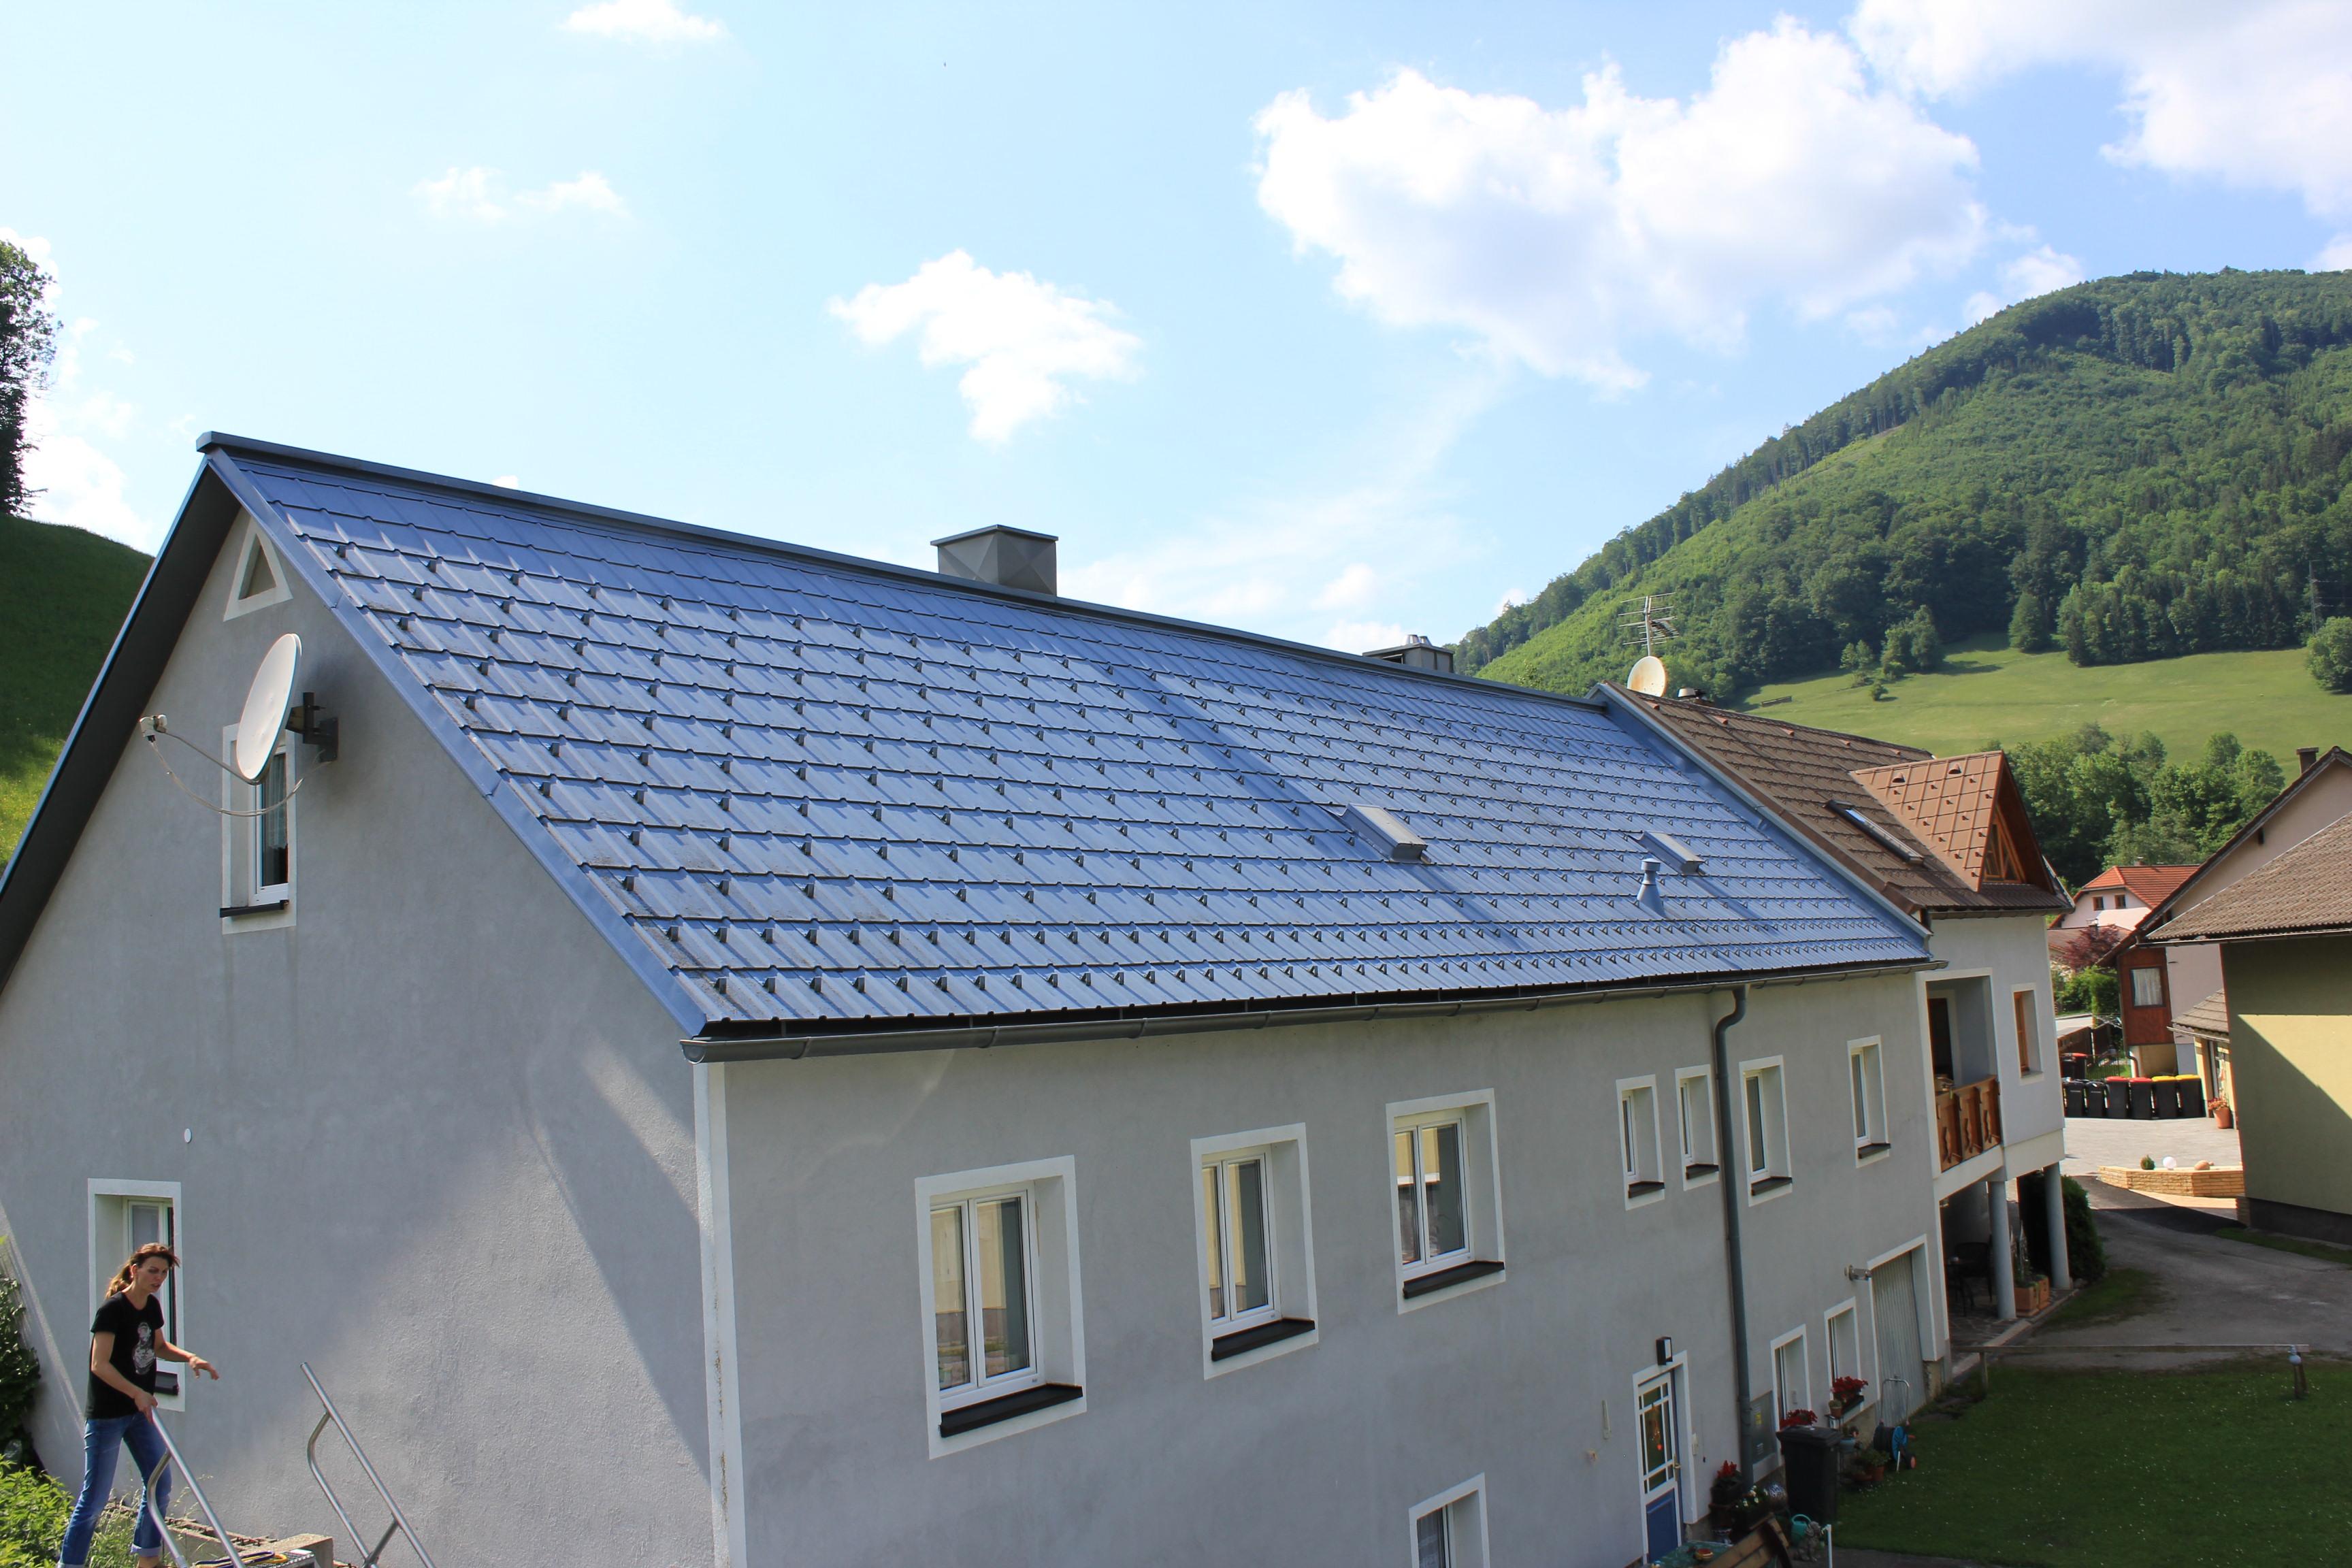 Einfamilienhaus Satteldach Mit Prefa Dachplatten Deckung